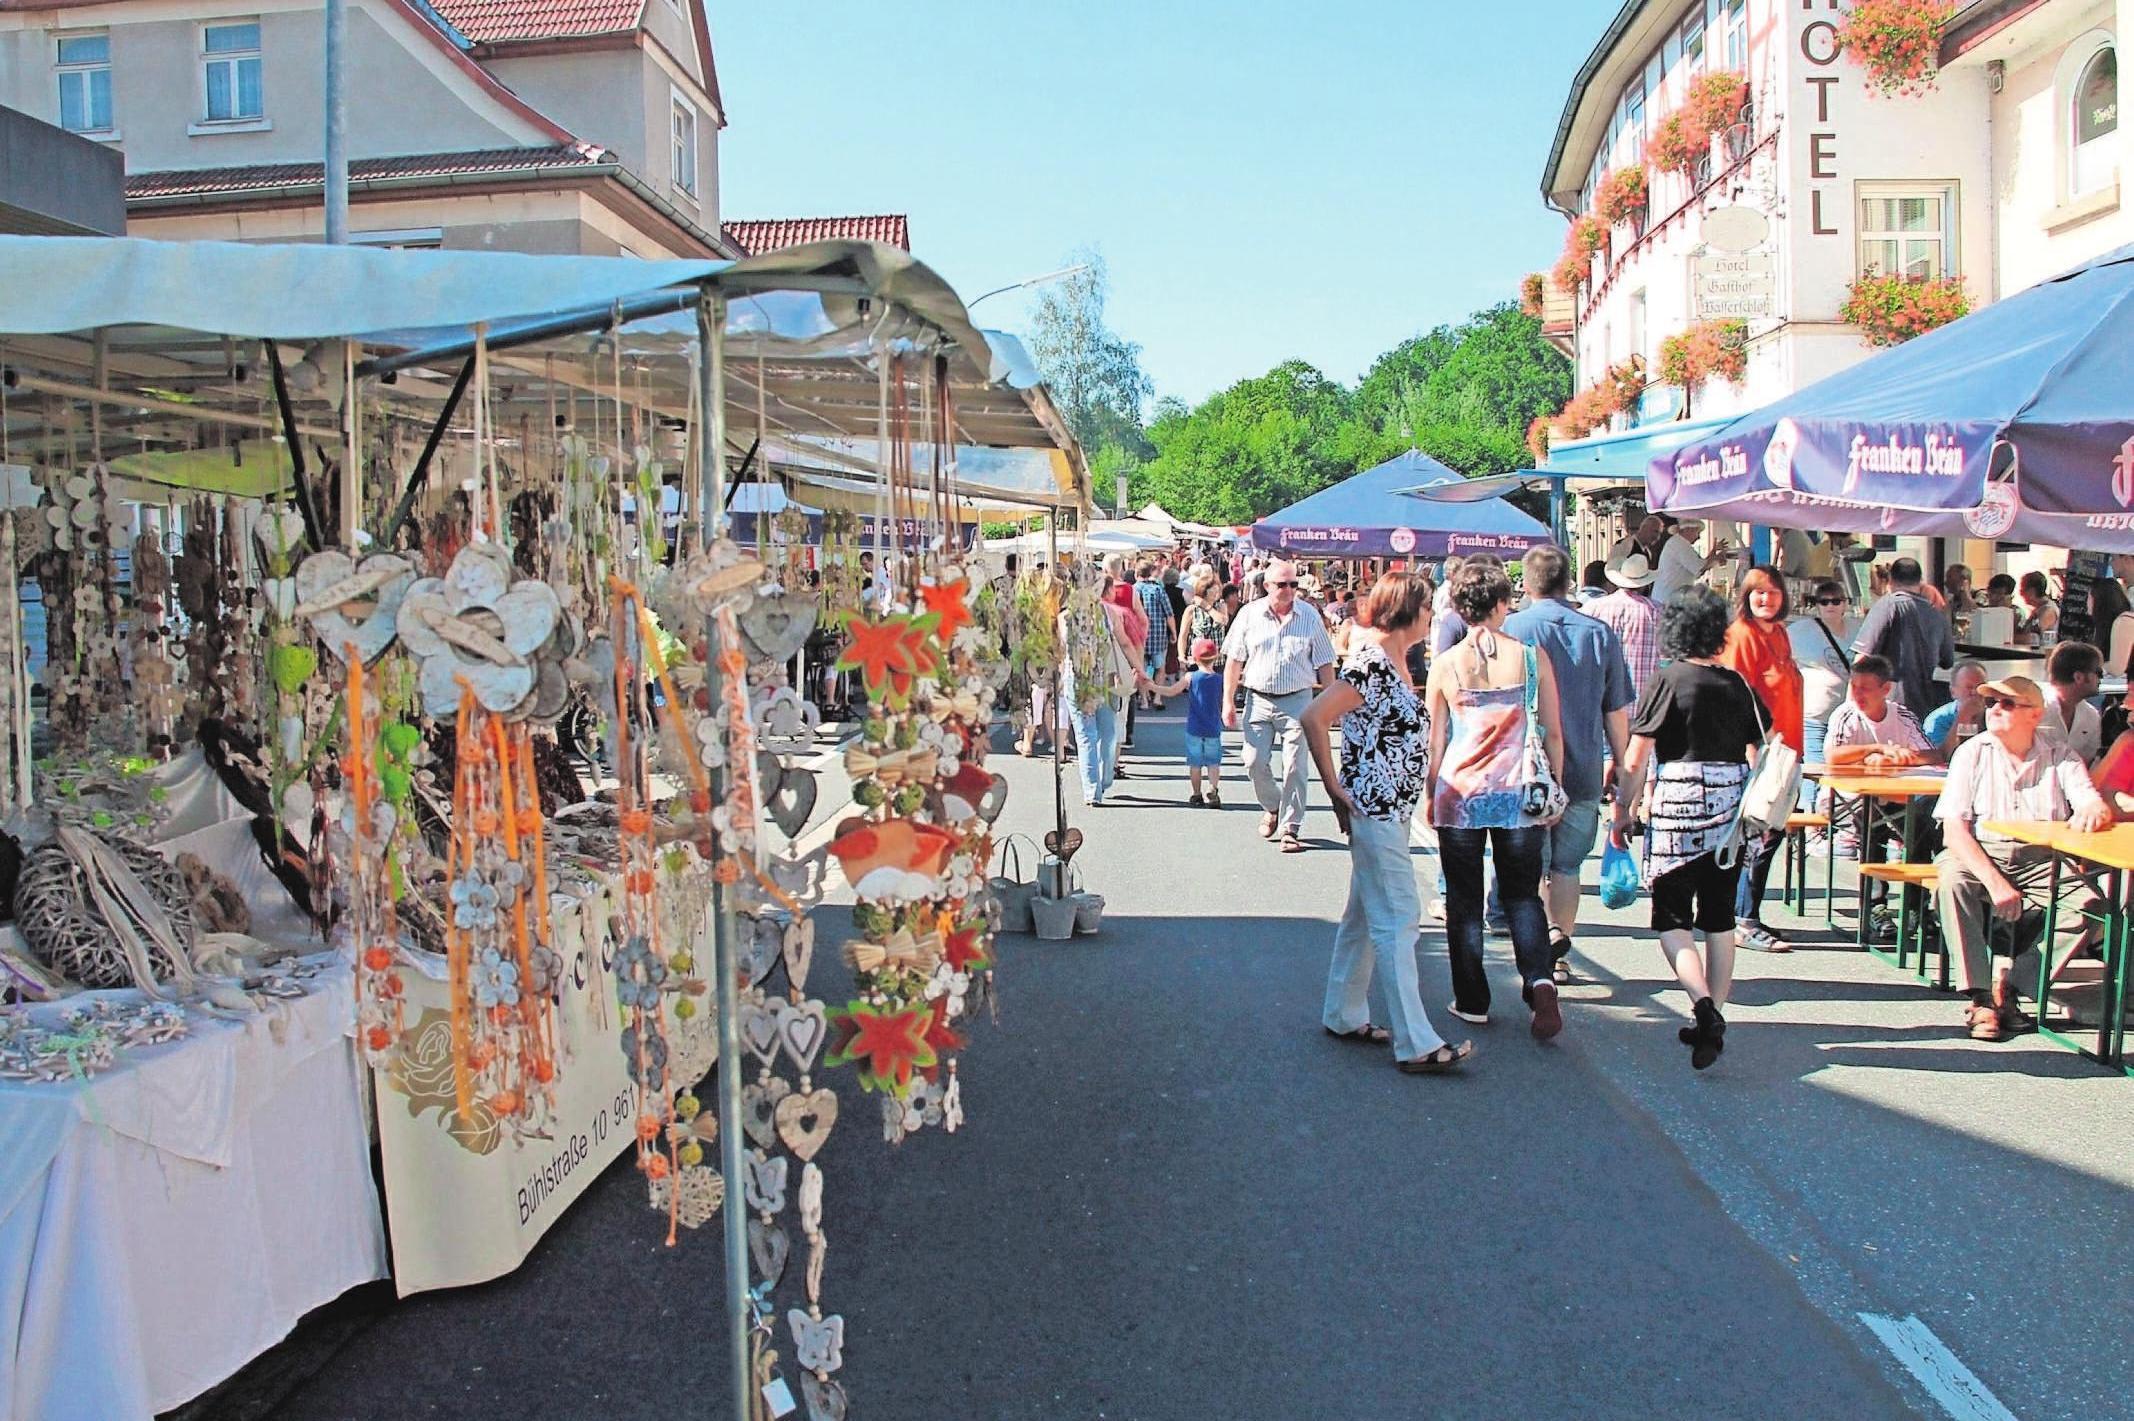 Der Markt Mitwitz wünscht allen Einheimischen und Gästen auch heuer wieder ein schönes Kirchweihfest. Foto: hf